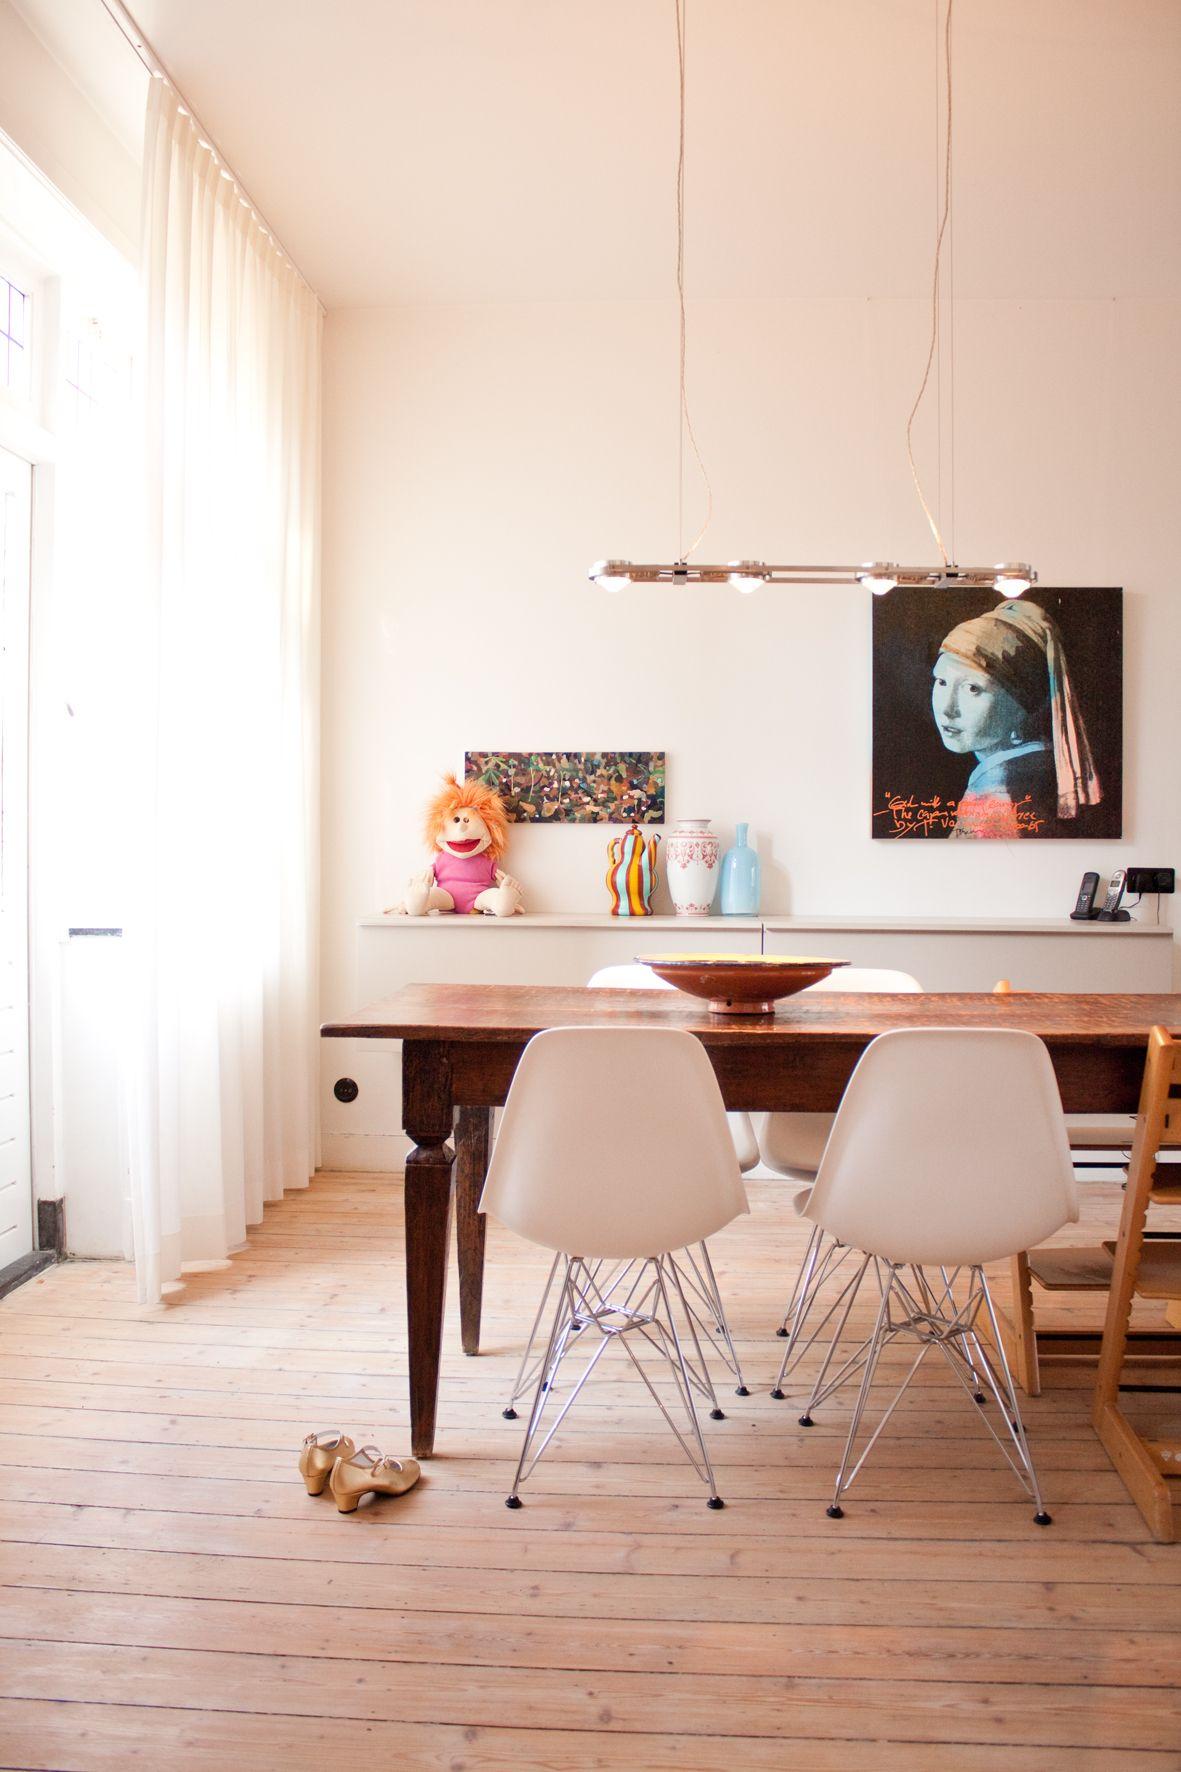 Full Size of Alter Esstisch Bett Mit Matratze Und Stühle Sofa Boxen Groß Buche Bettkasten Küche Elektrogeräten Hocker Weiß Schubladen 160 Ausziehbar Kaufen 160x200 Esstische Esstisch Mit Stühlen